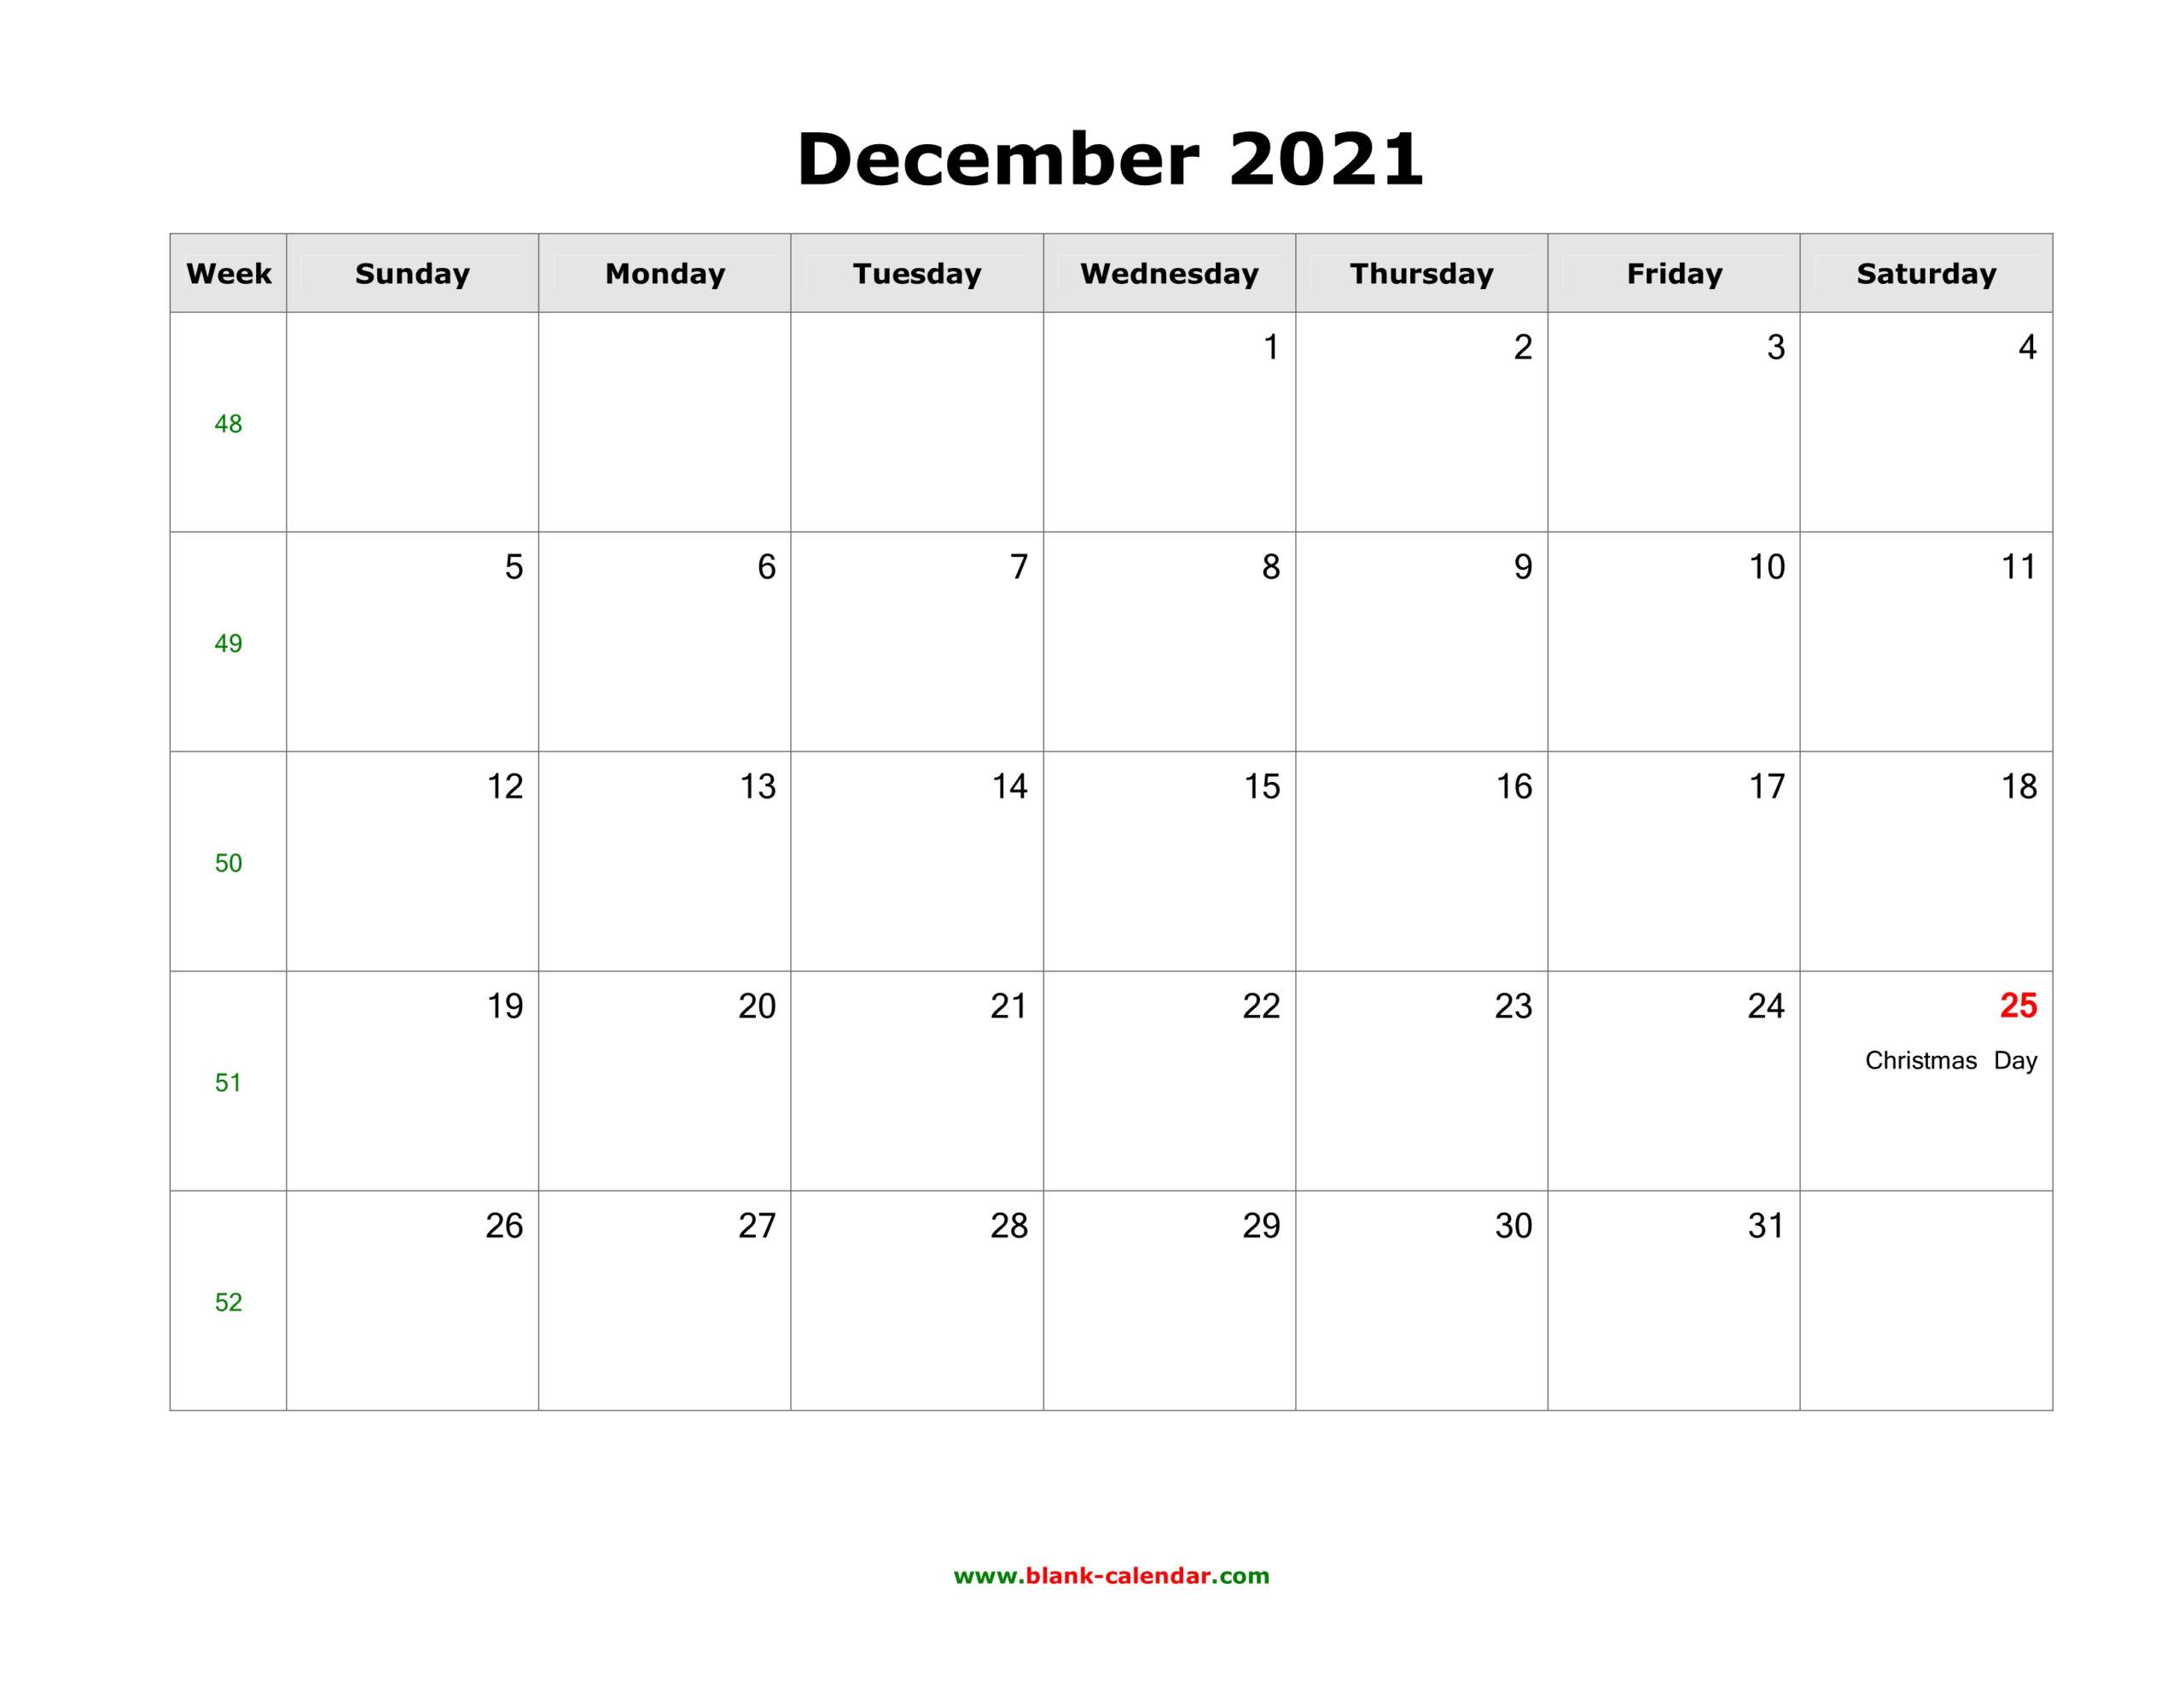 December 2021 Blank Calendar   Free Download Calendar